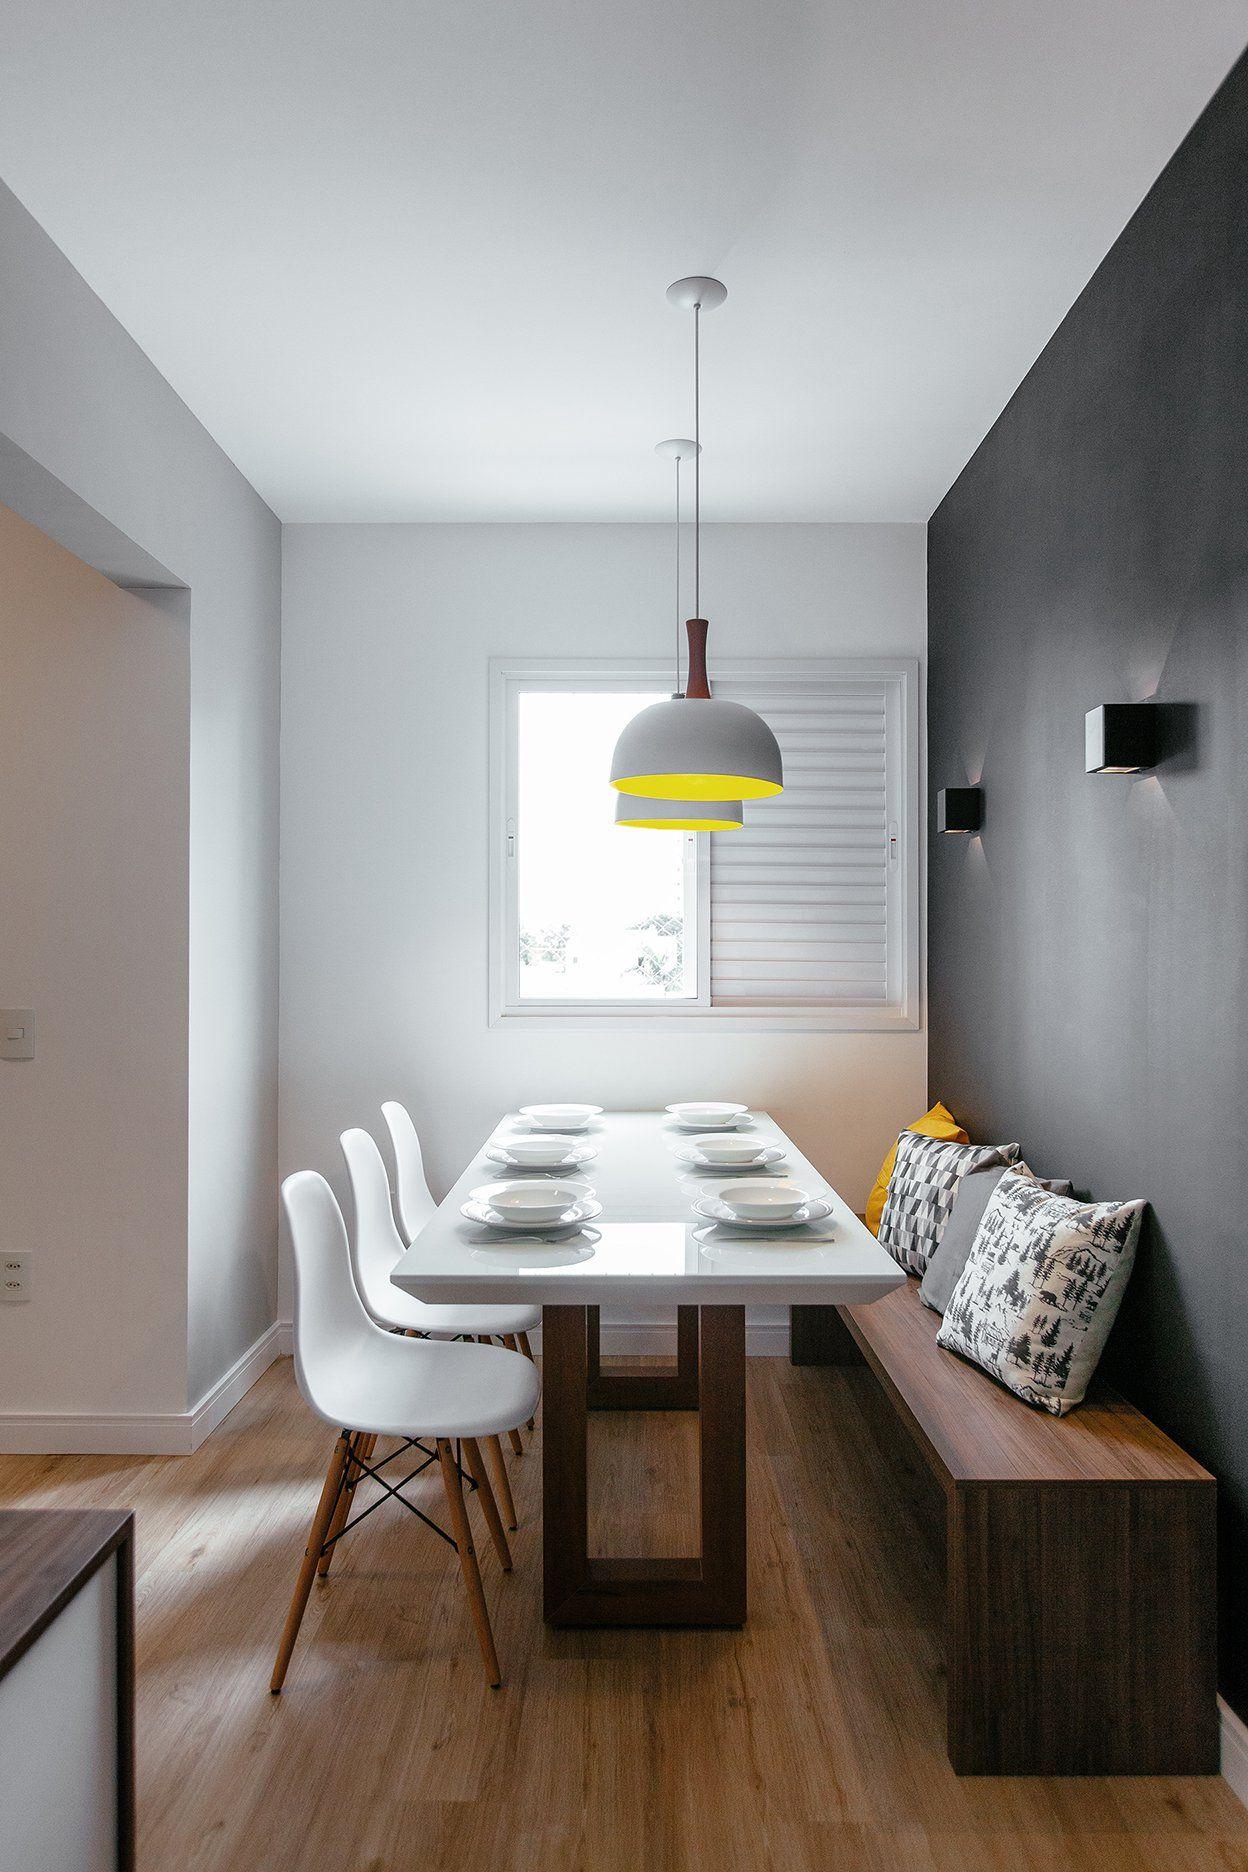 Para receber bem: reforma integra área social de apartamento